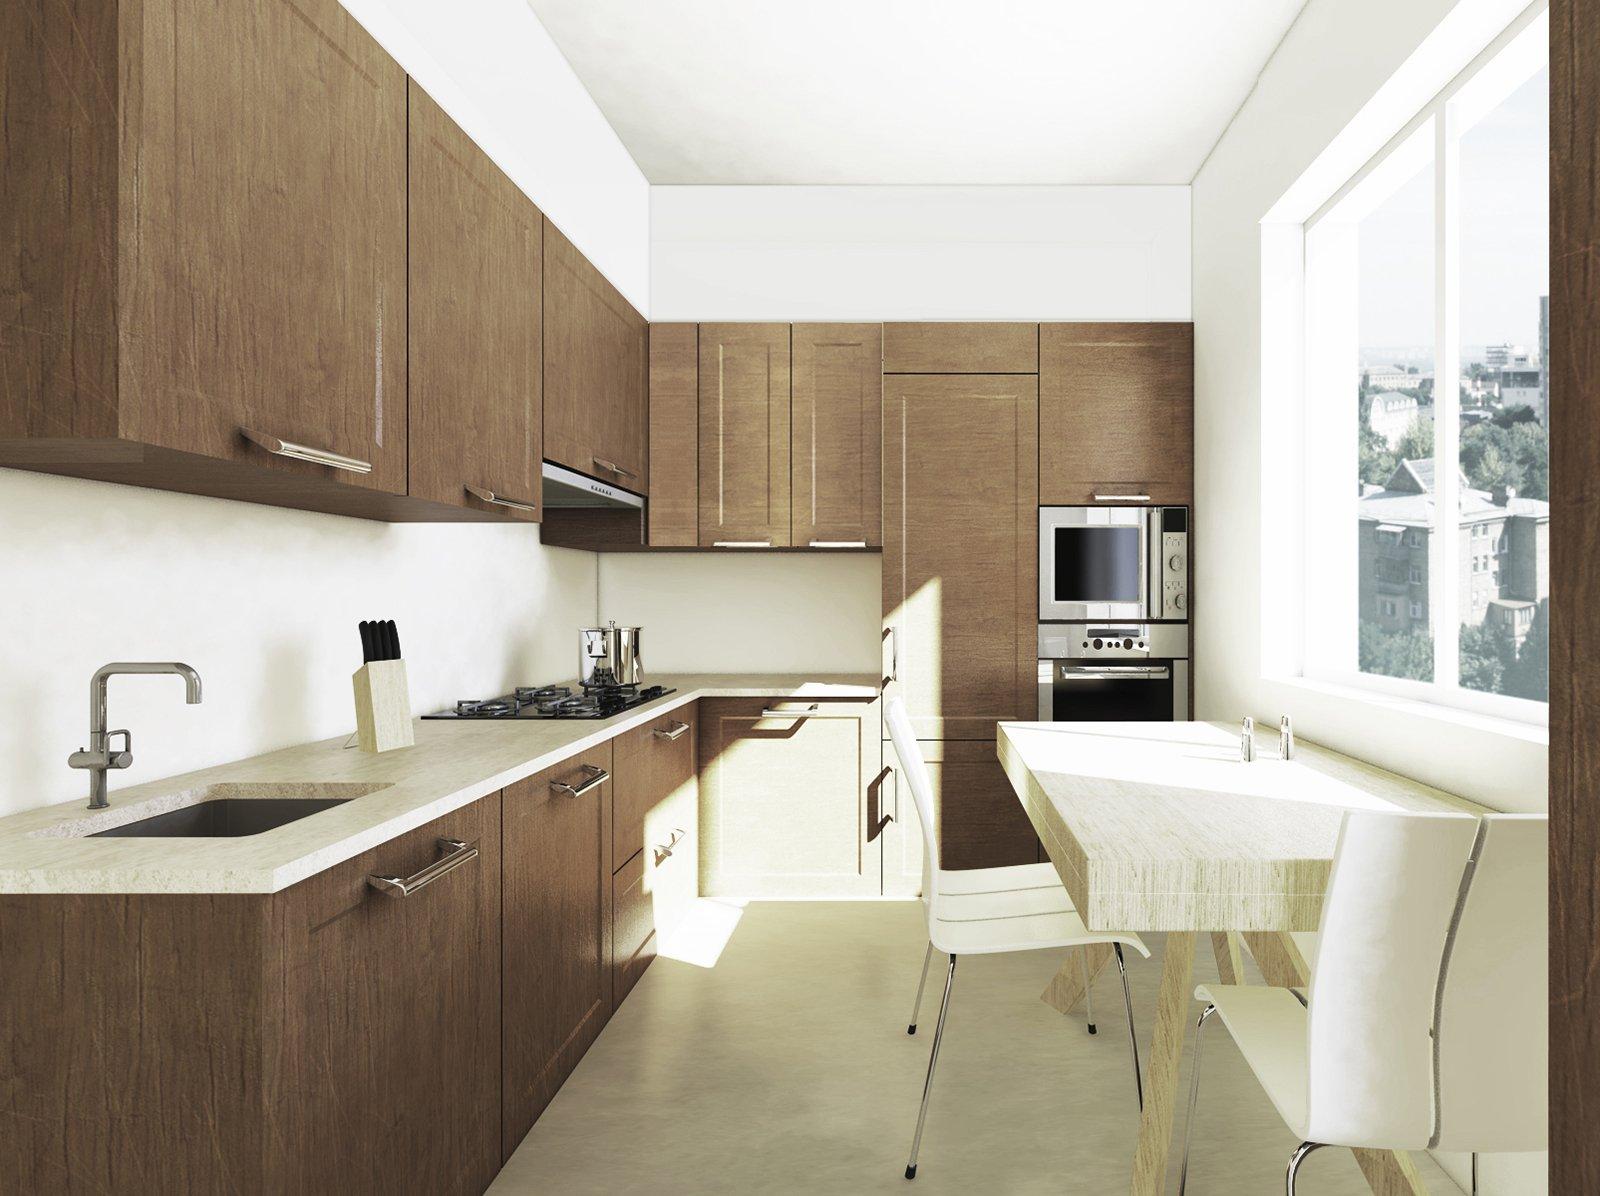 Arredare la cucina con dispensa e vano ripostiglio nascosto cose di casa - Cucina con dispensa angolare ...